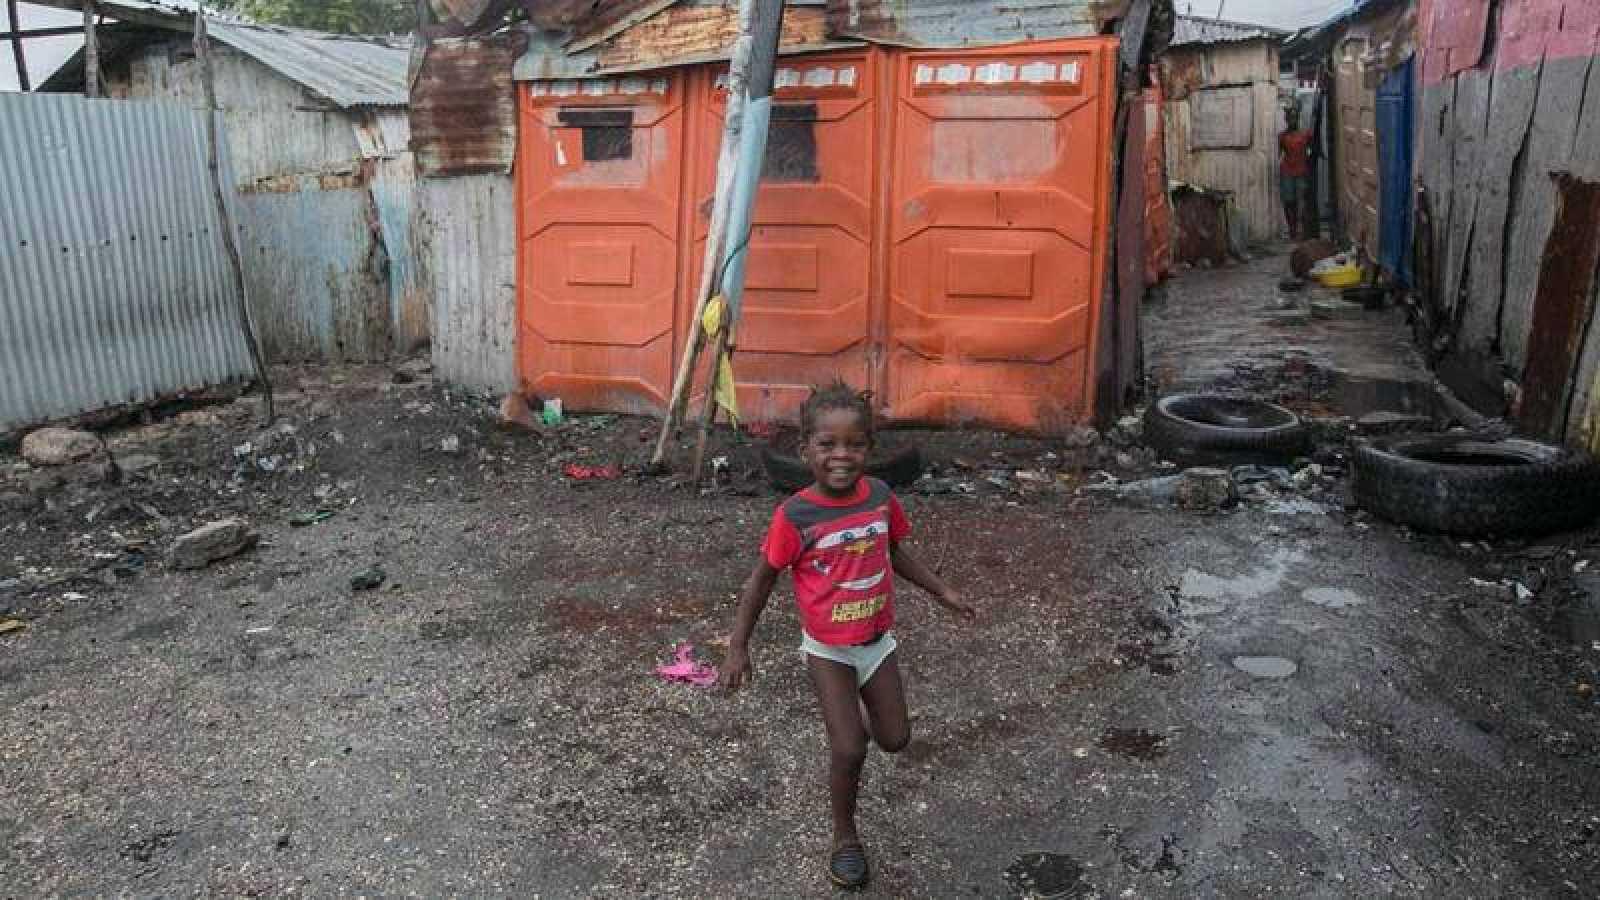 Una niña juega en el barrio de Cite Soleil, situado en Puerto Príncipe (Haití).